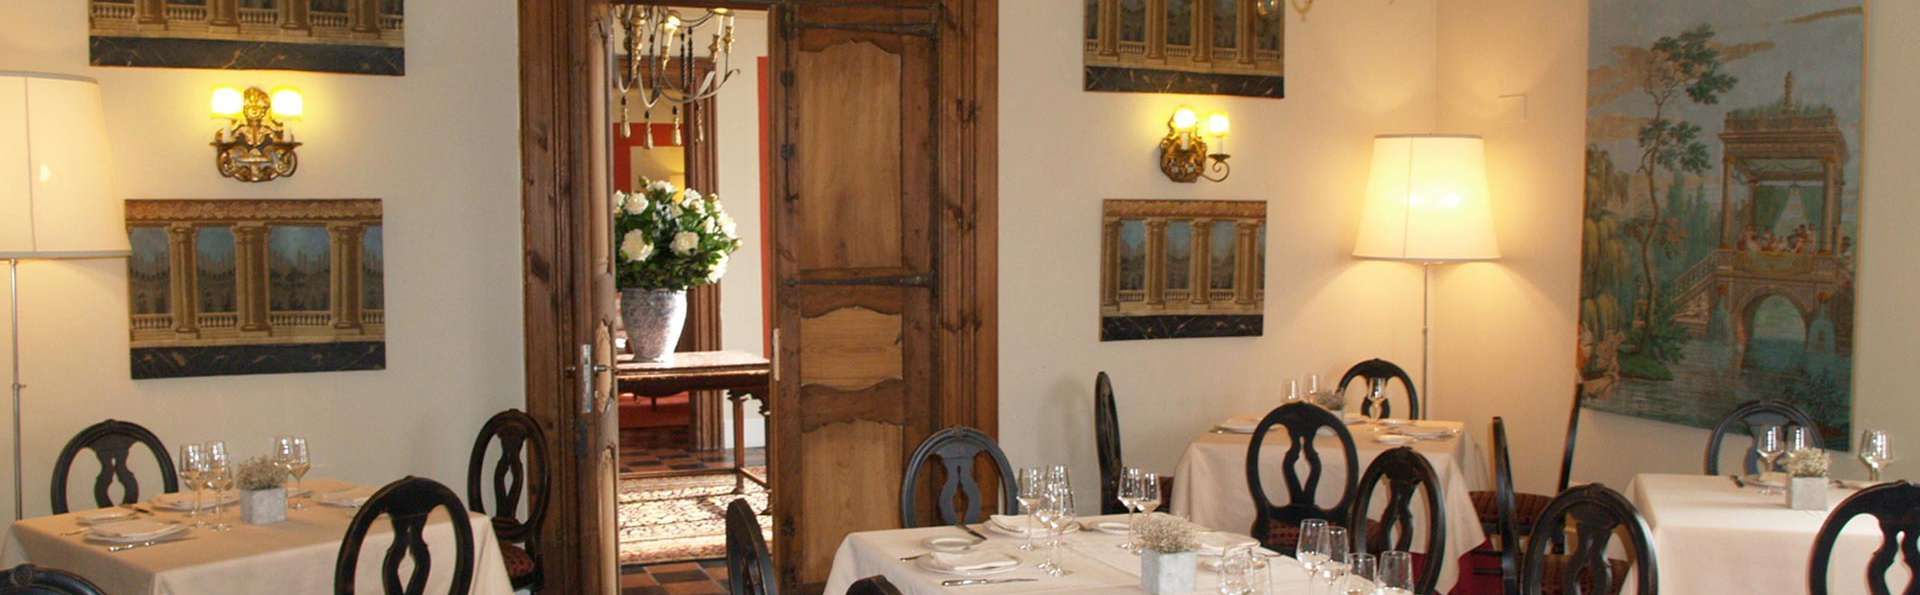 Week-end avec dîner gastronomique dans un palais du XVIIe siècle